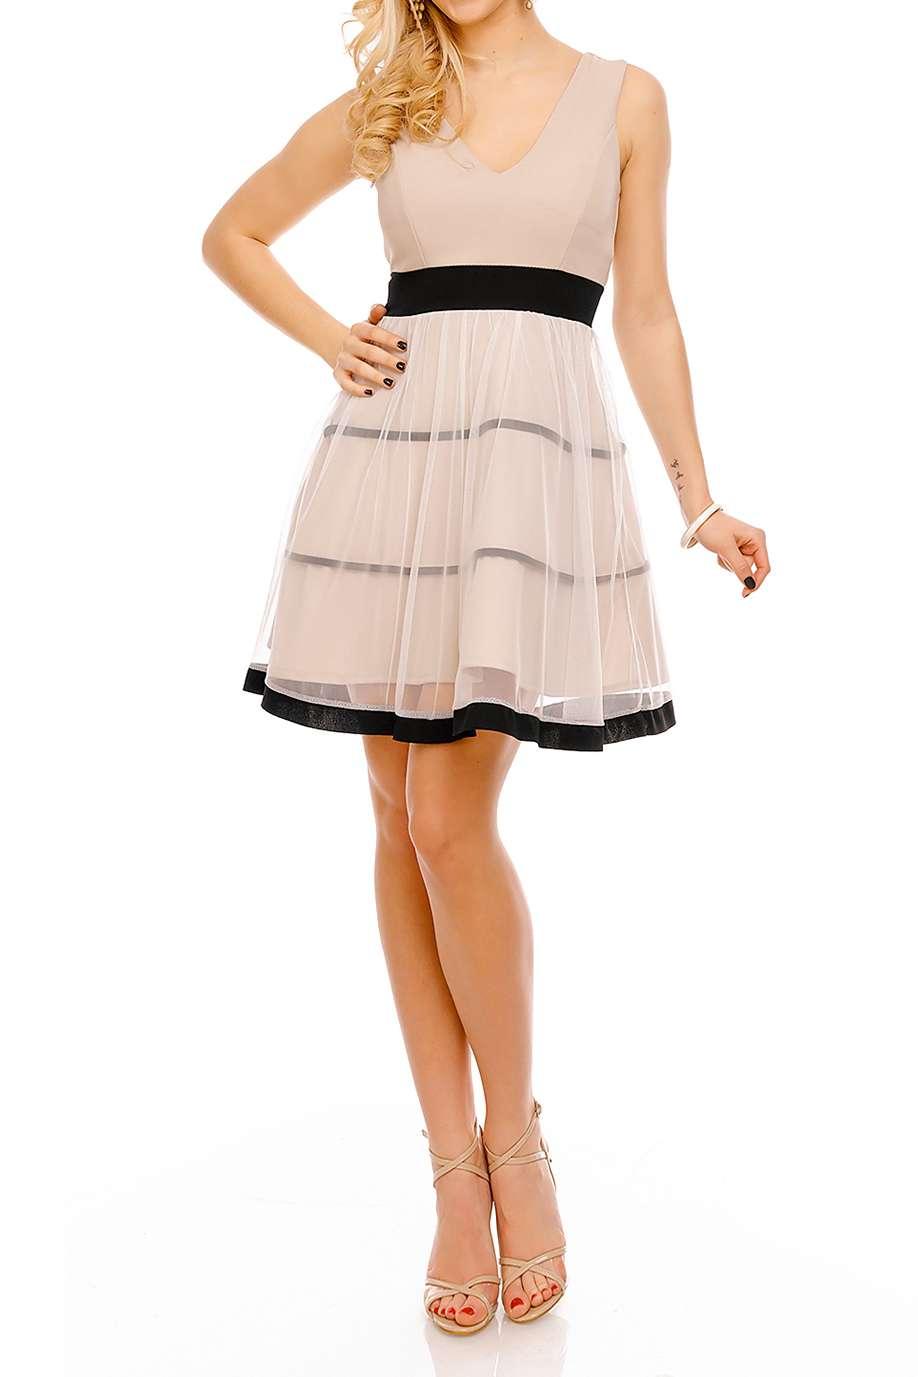 Kleid Royal - Kleider - beige - Sexyjeans.ch - Label: Blu ...